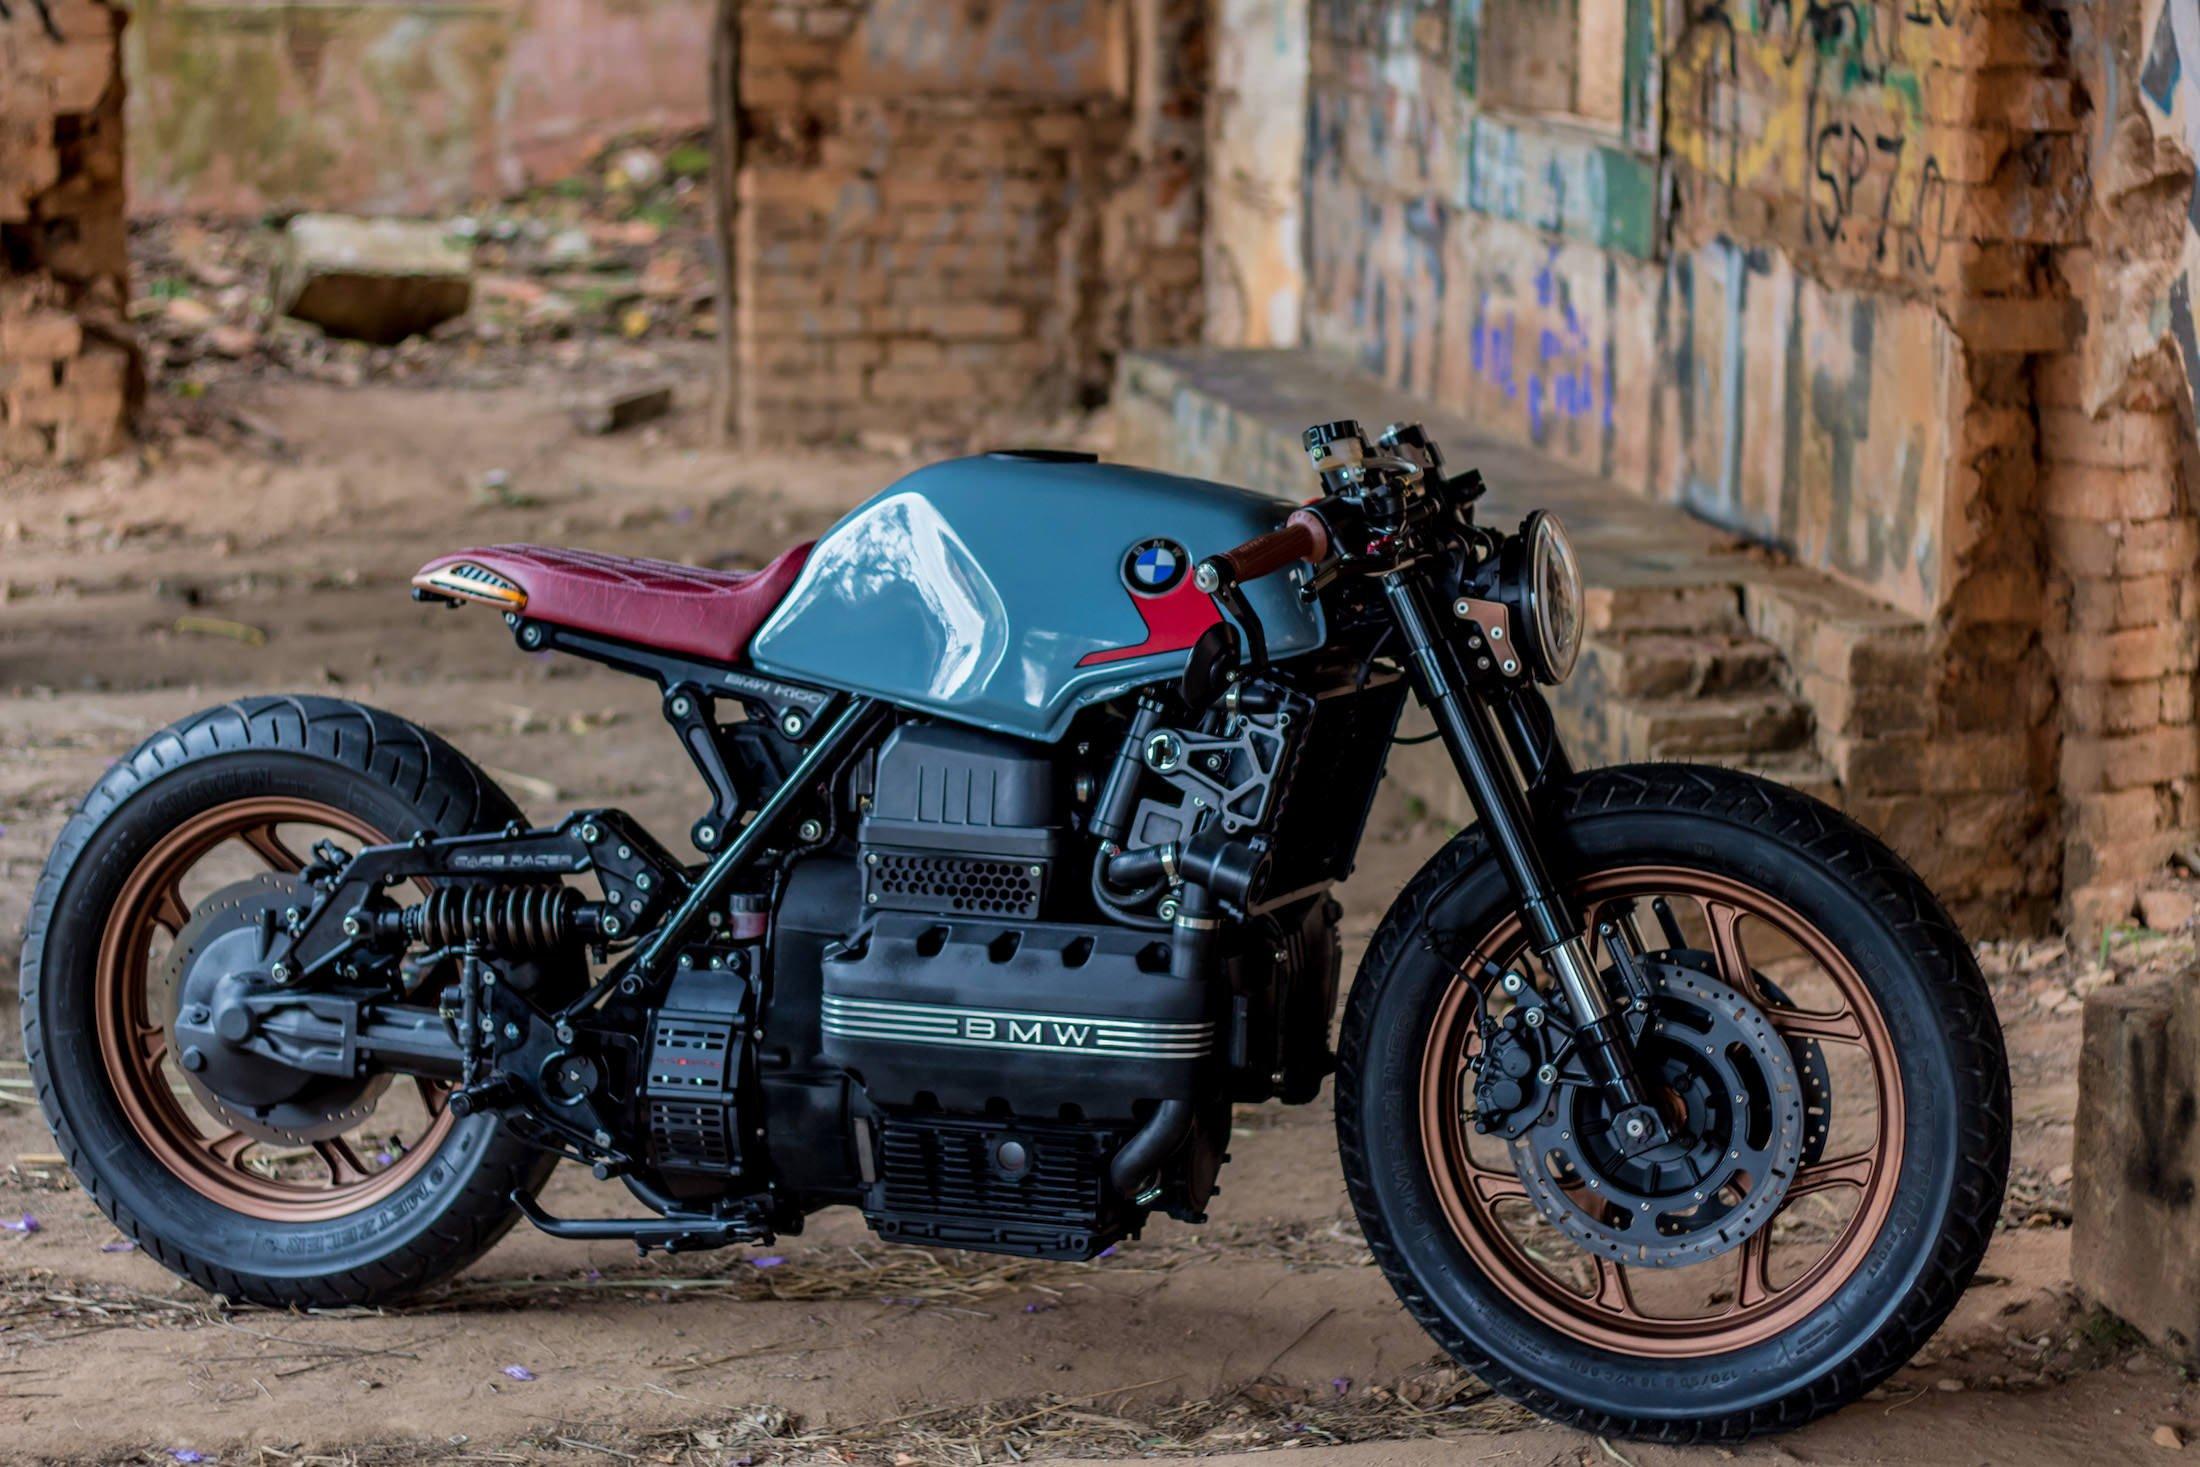 BMW Kafe Racer, BMW K100 Cafe Racer, Naked Bike - YouTube